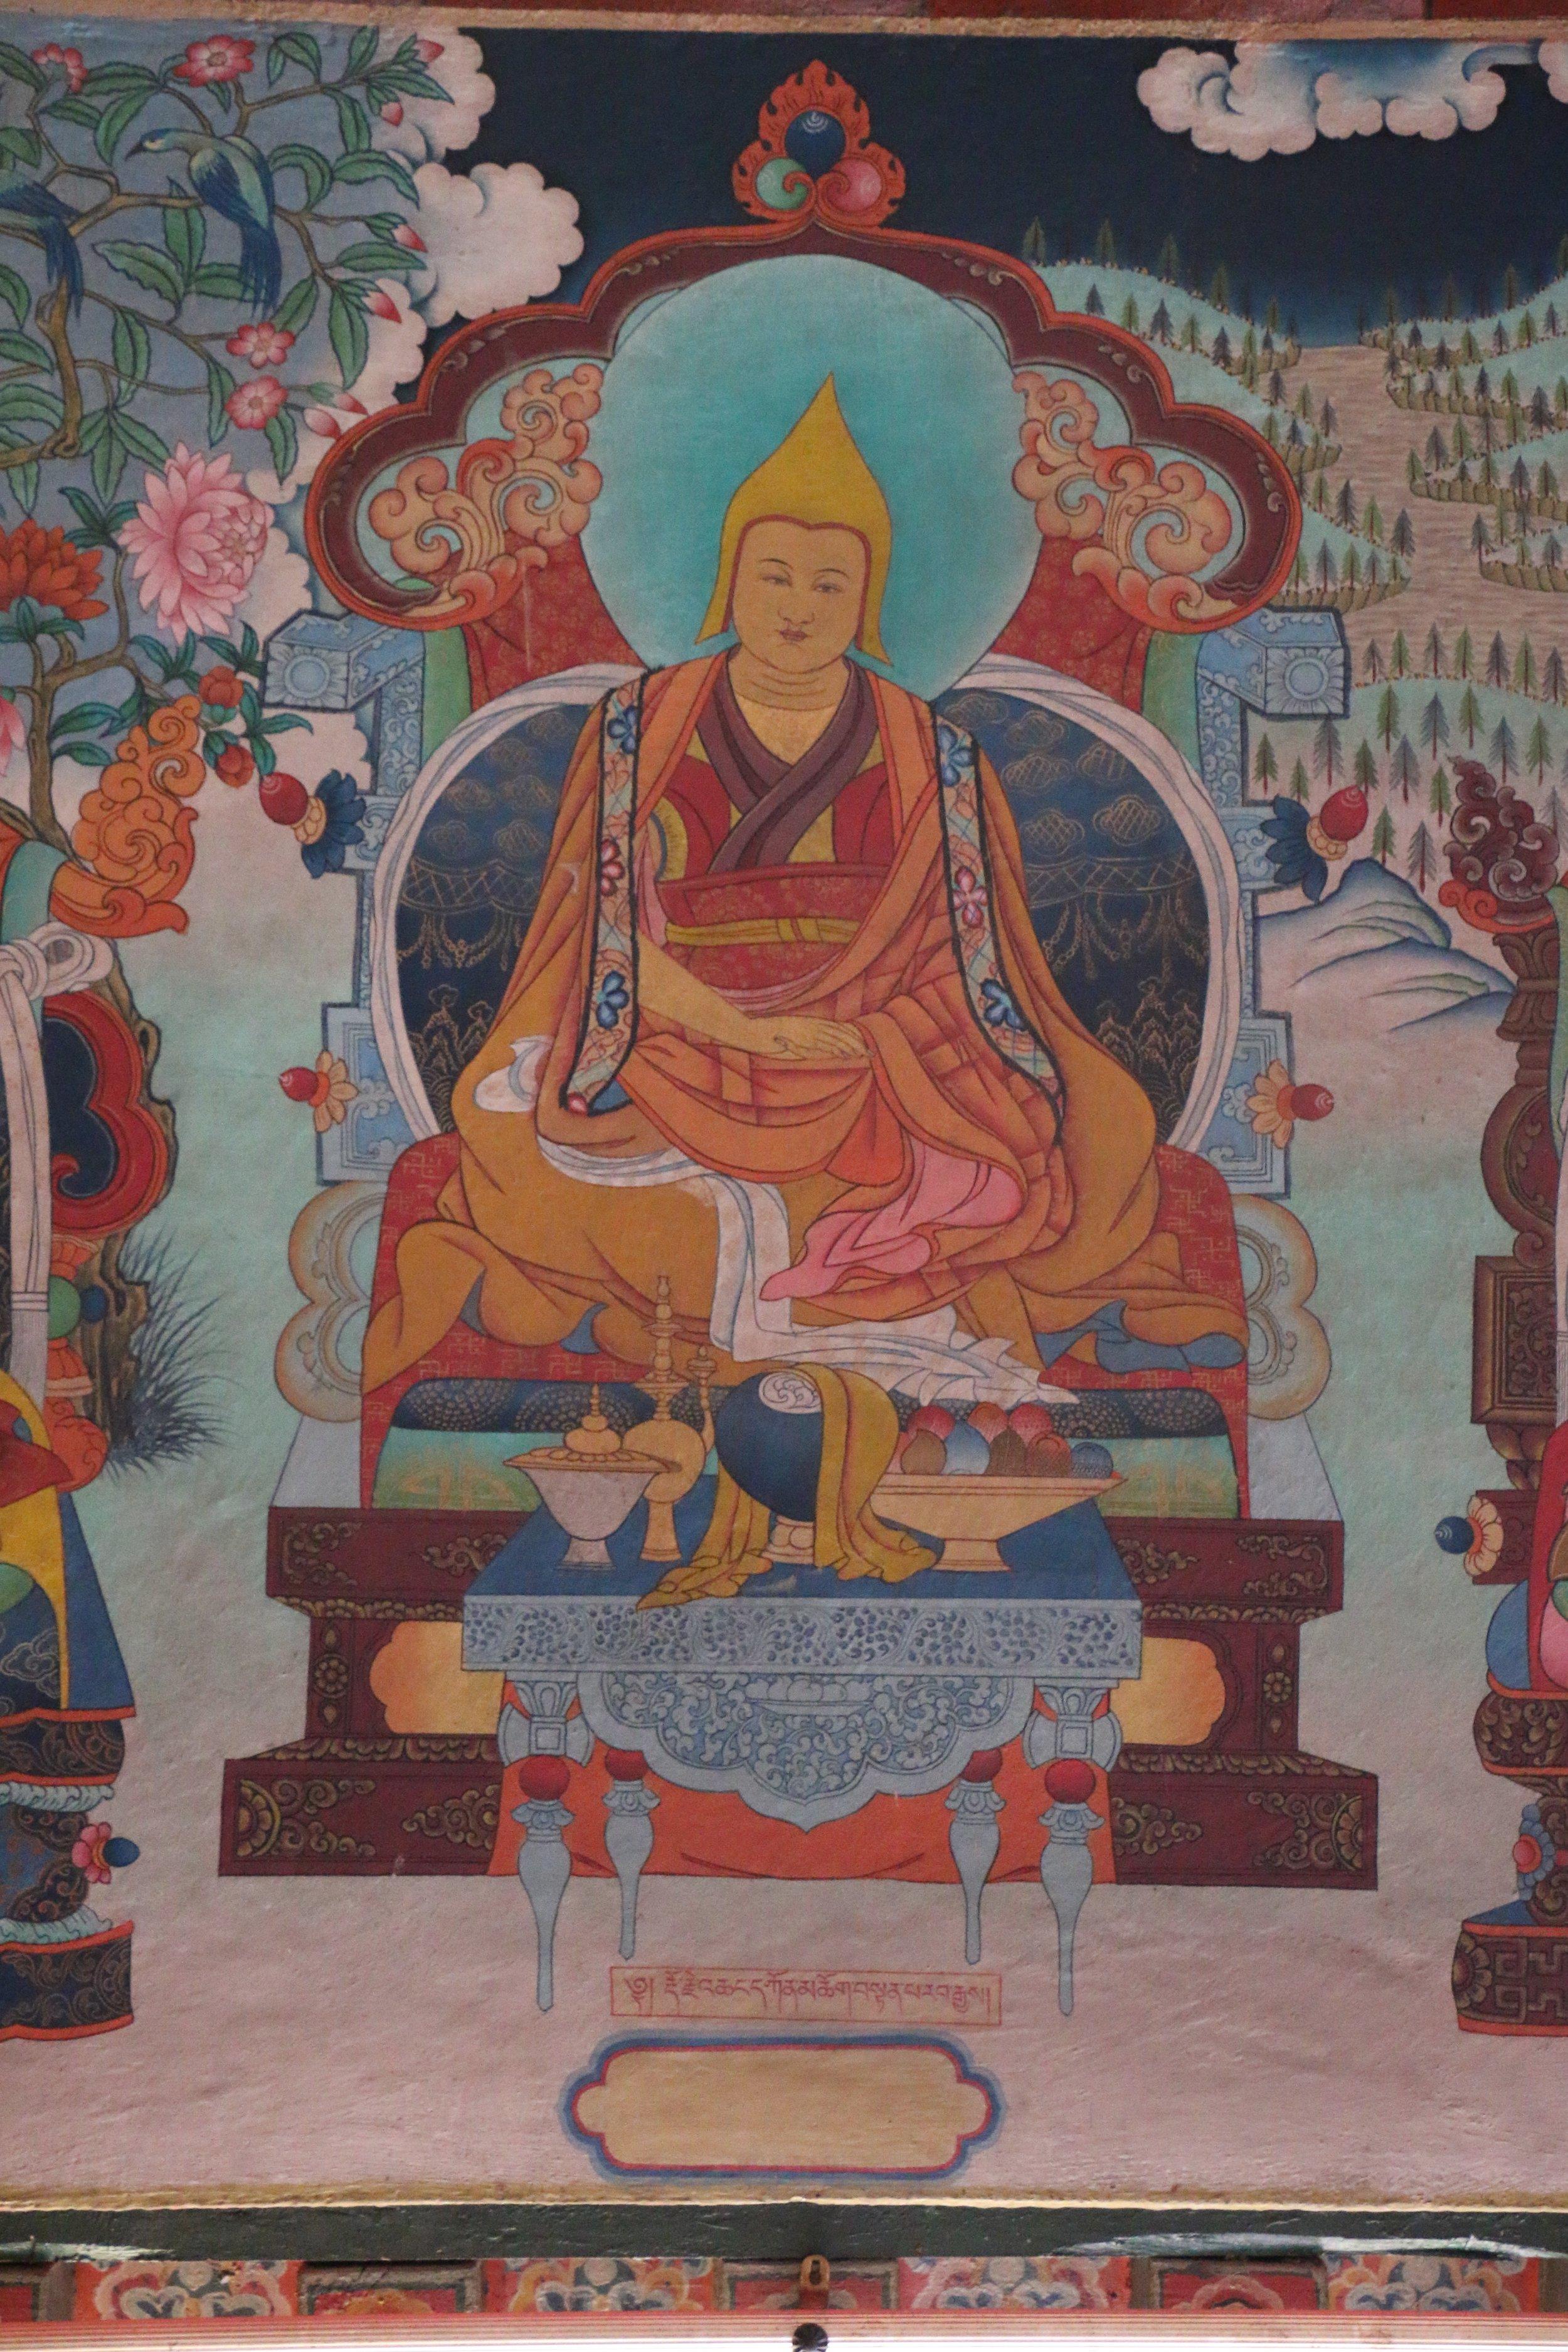 Kunchok Tenpa Rabgye